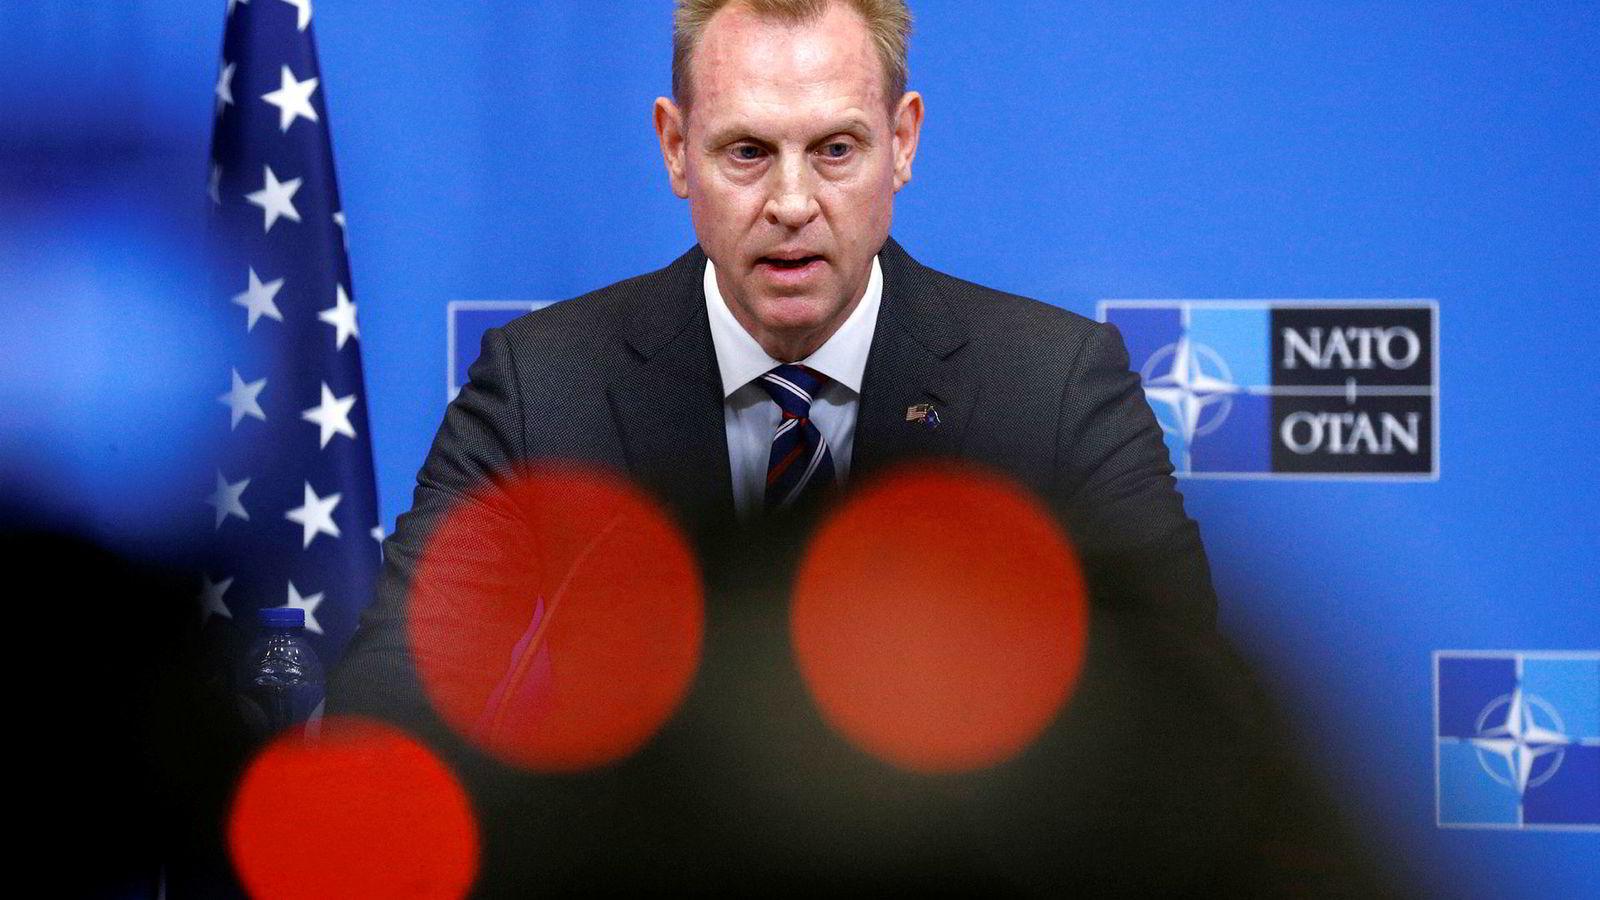 Etter det DN kjenner til, sa USAs fungerende forsvarsminister Patrick Shanahan, på middagen med allierte, at det er uakseptabelt å ikke nå målsetningen om to prosent av bnp.